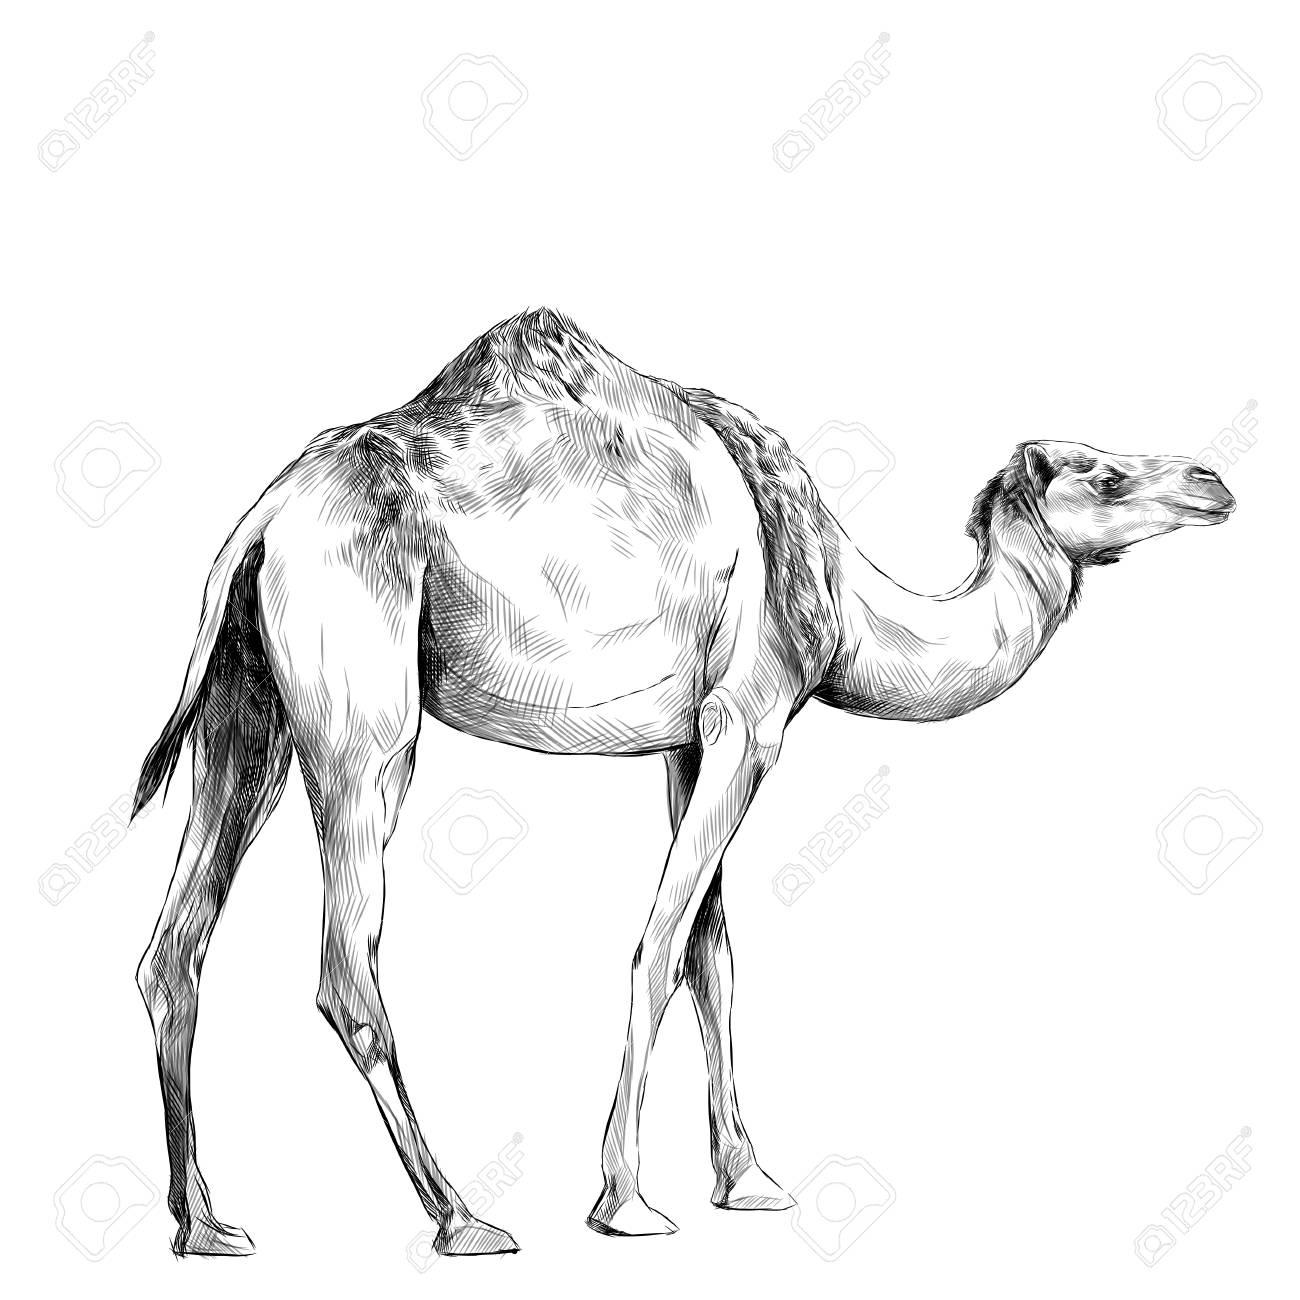 1300x1300 Drawing A Camel Face Competition Easy Caravan Carmi Chaelinn